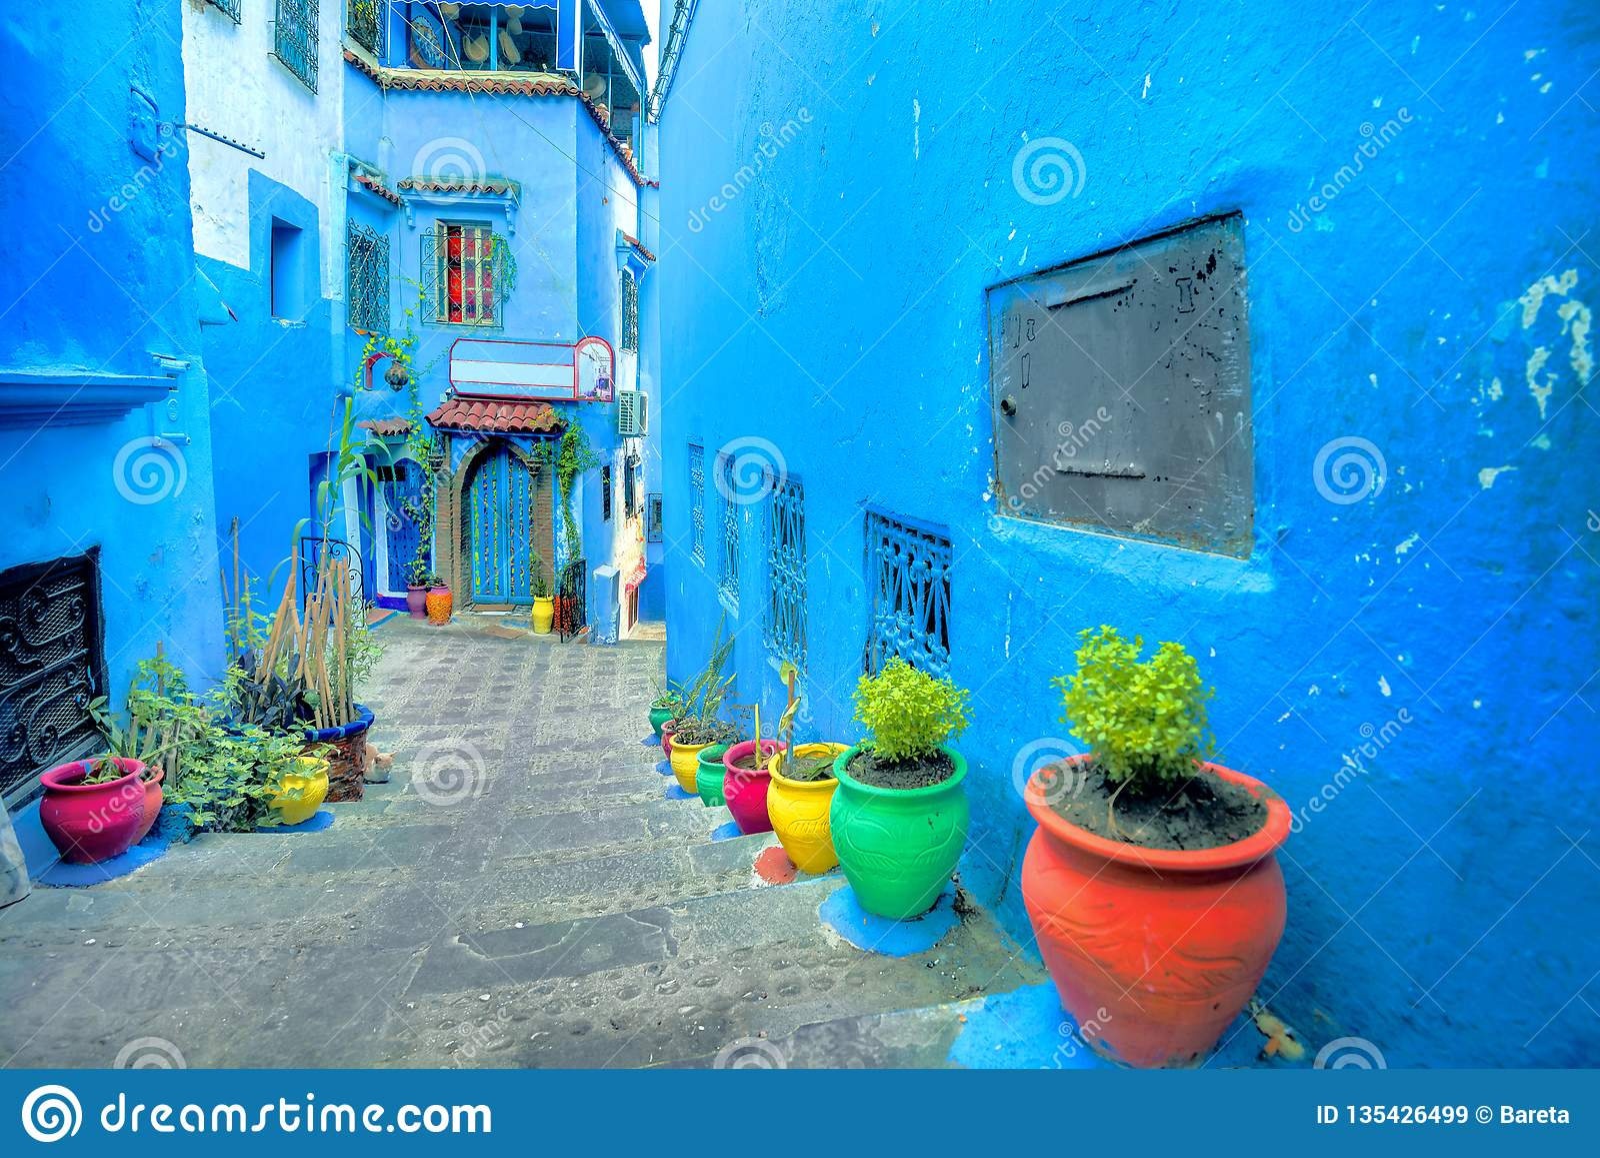 Calle con las paredes pintadas azules y las macetas coloridas en Medina viejo de Chefchaouen También ha sido sabido por su nombre